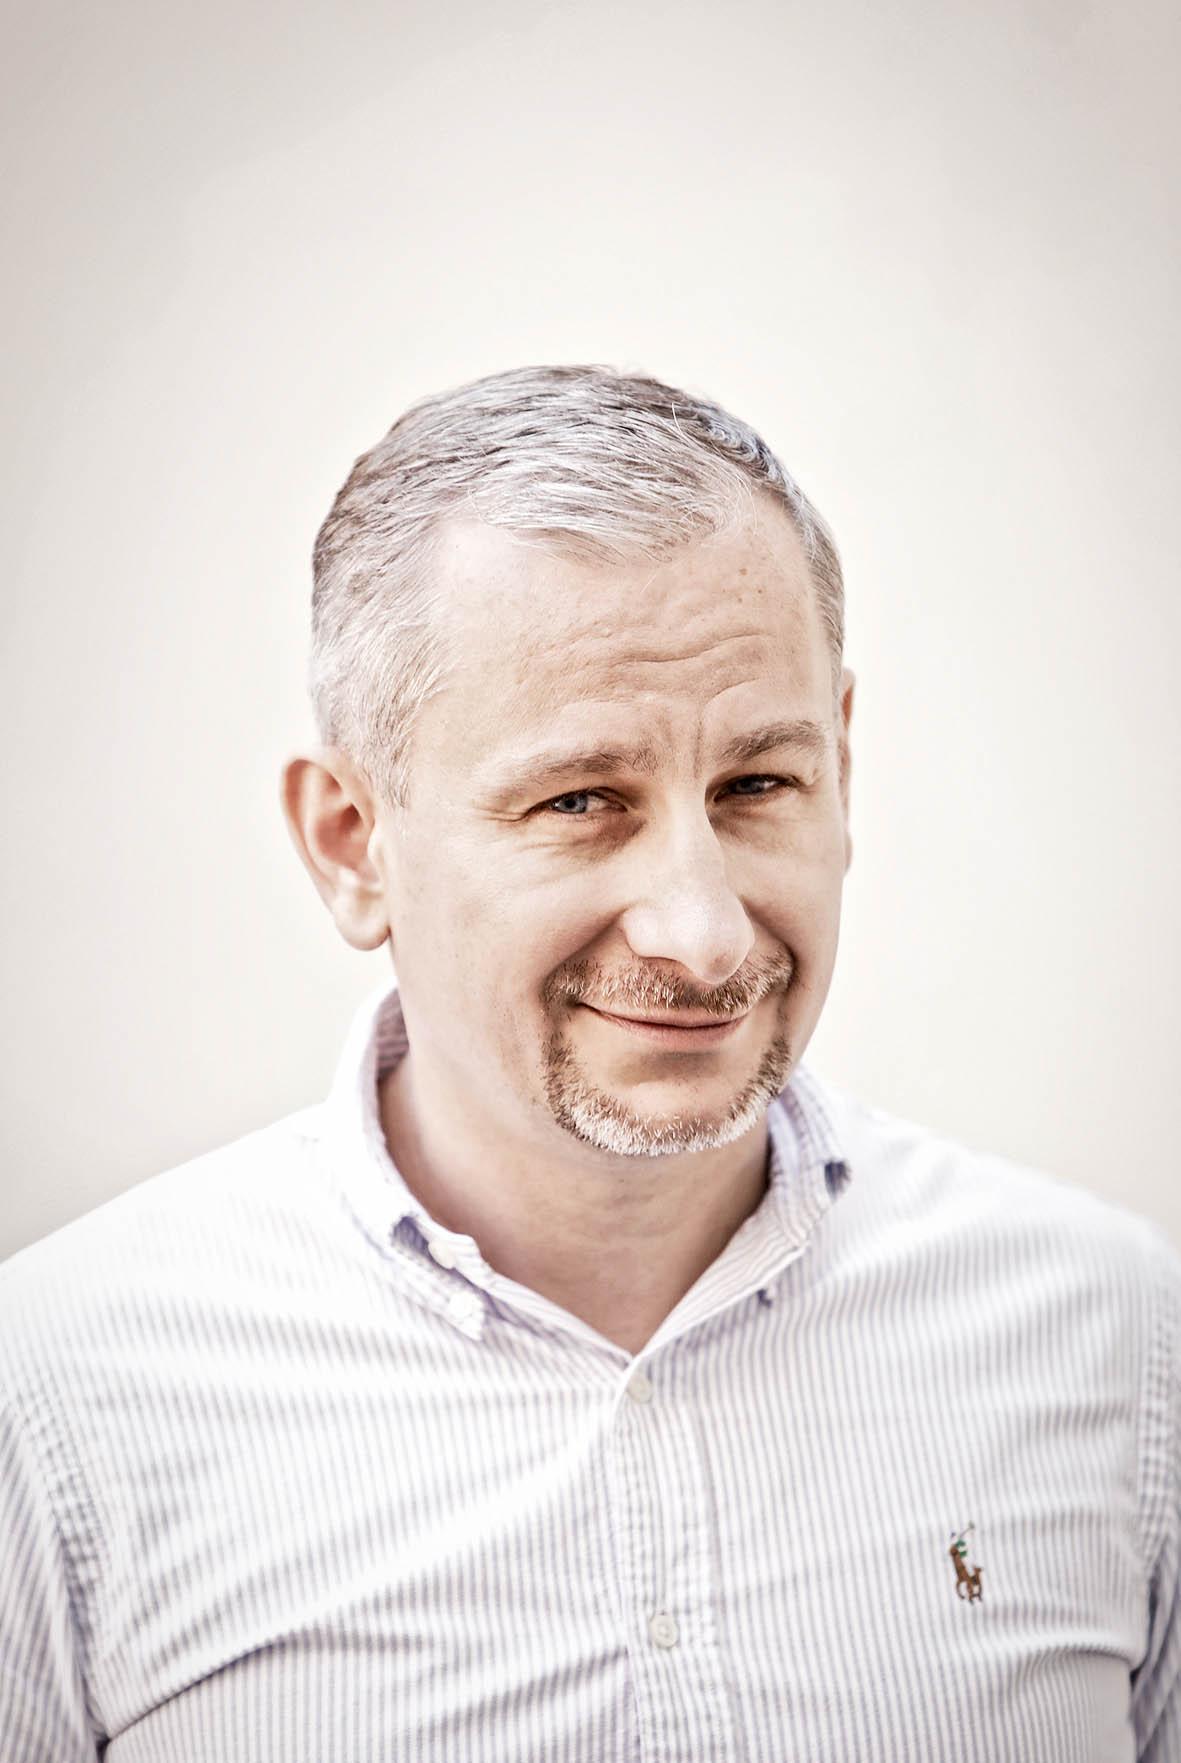 Provozní ředitel skupiny Packeta Daniel Tinz